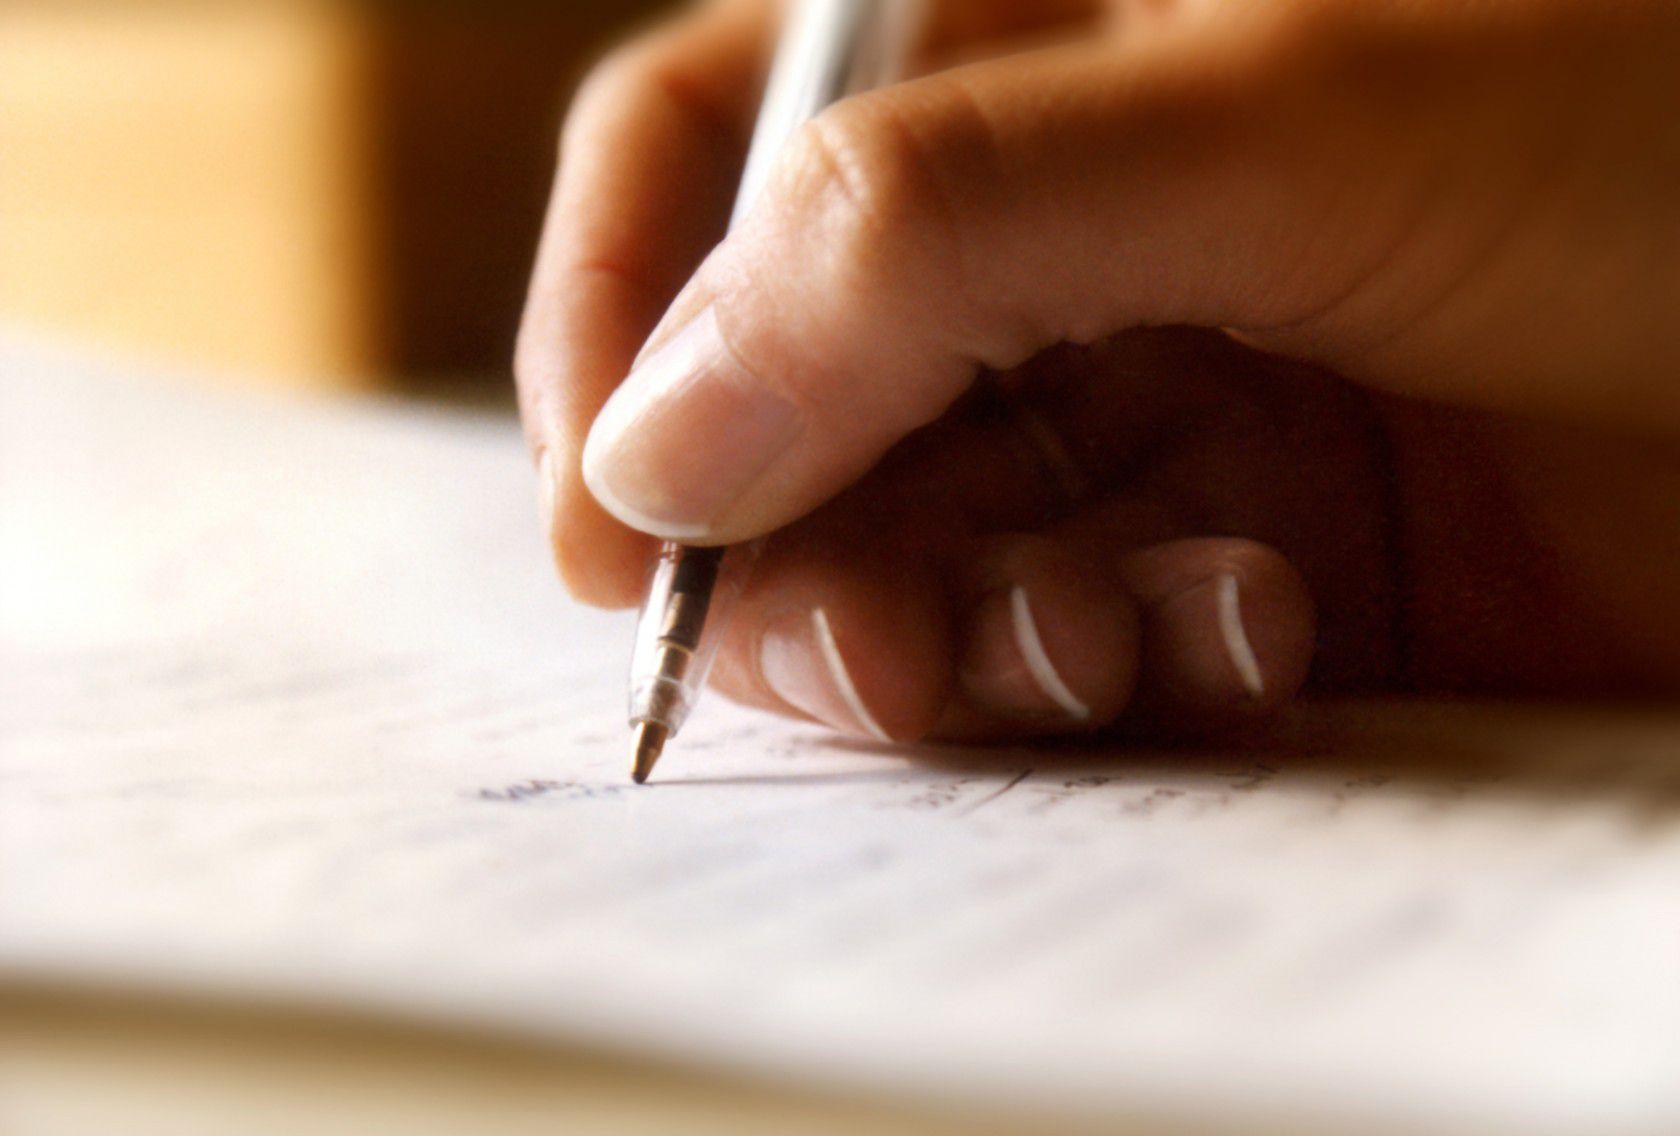 En iyi GRE hazırlık kitapları hangileridir? Ücretleri nedir?